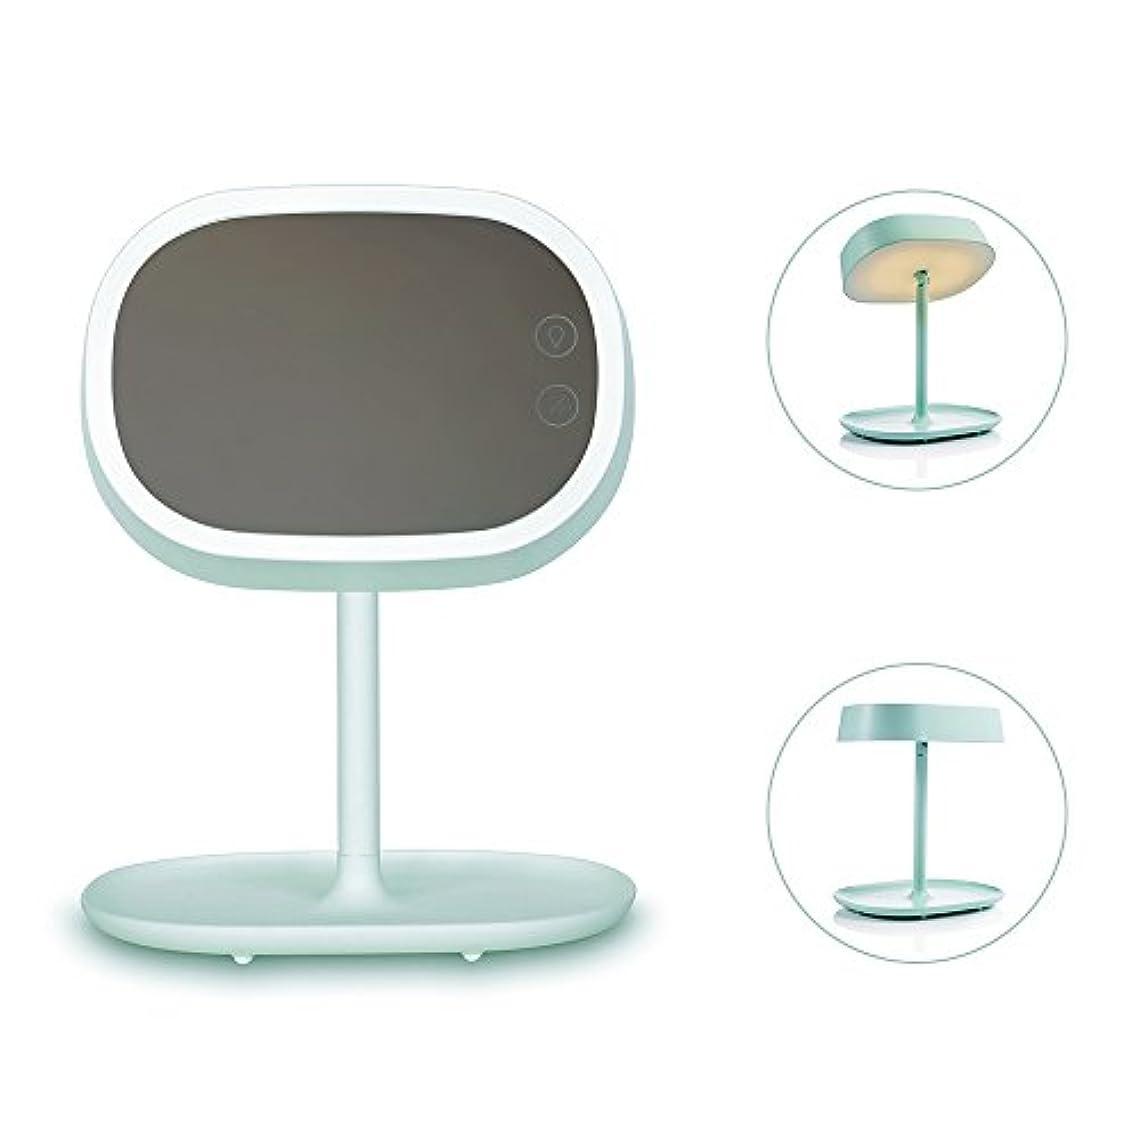 項目タイピスト高揚したIchic 卓上LED化粧鏡 メイクミラー ベッドサイドランプ 180度回転 明るさ調節可能 USB充電